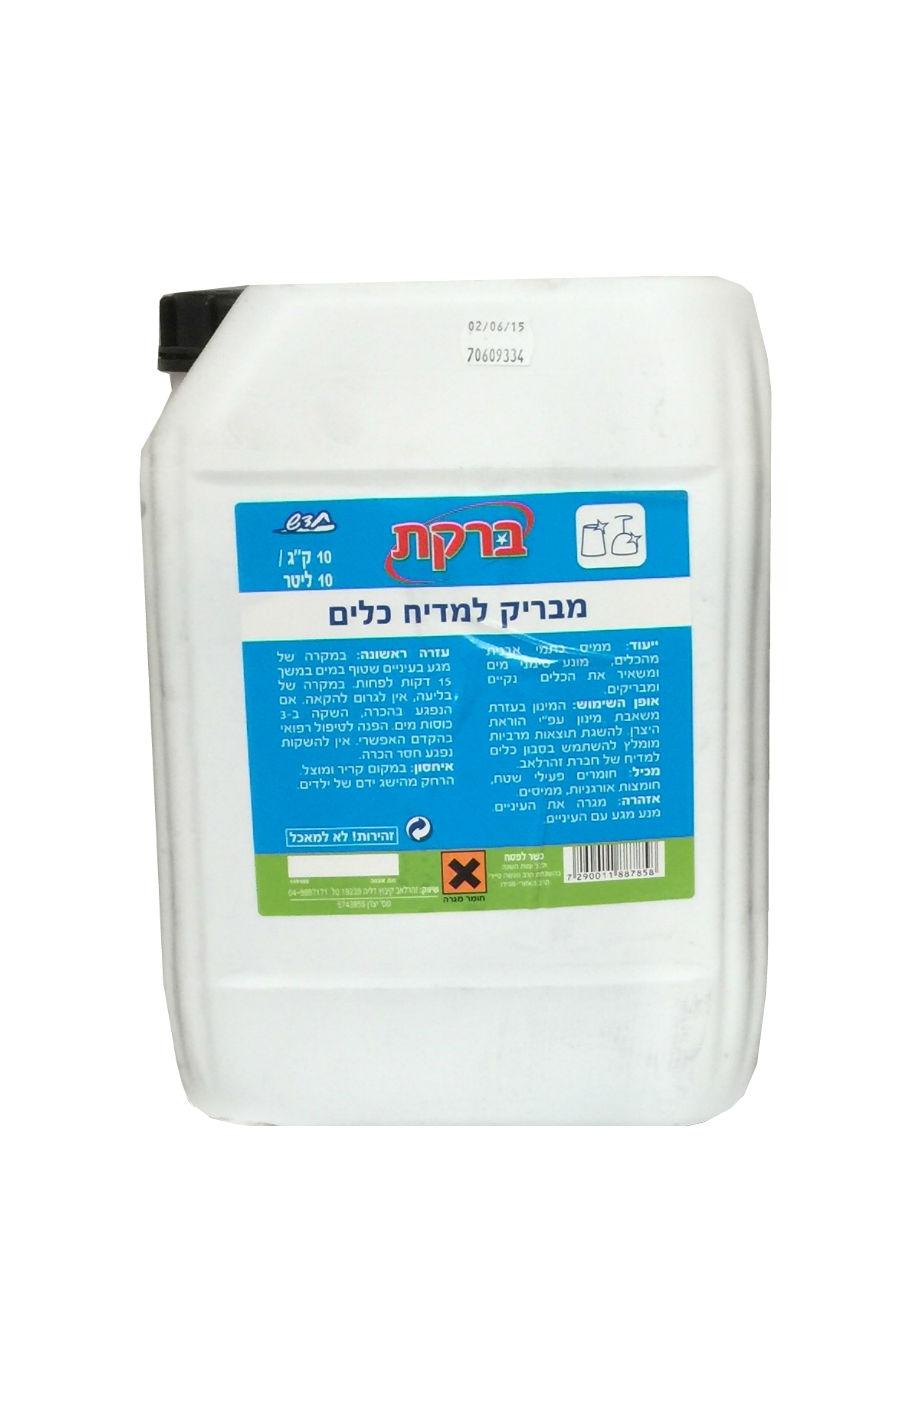 סבון למדיח -נוזל הברקה למדיח 10 ליטר, זהר דליה